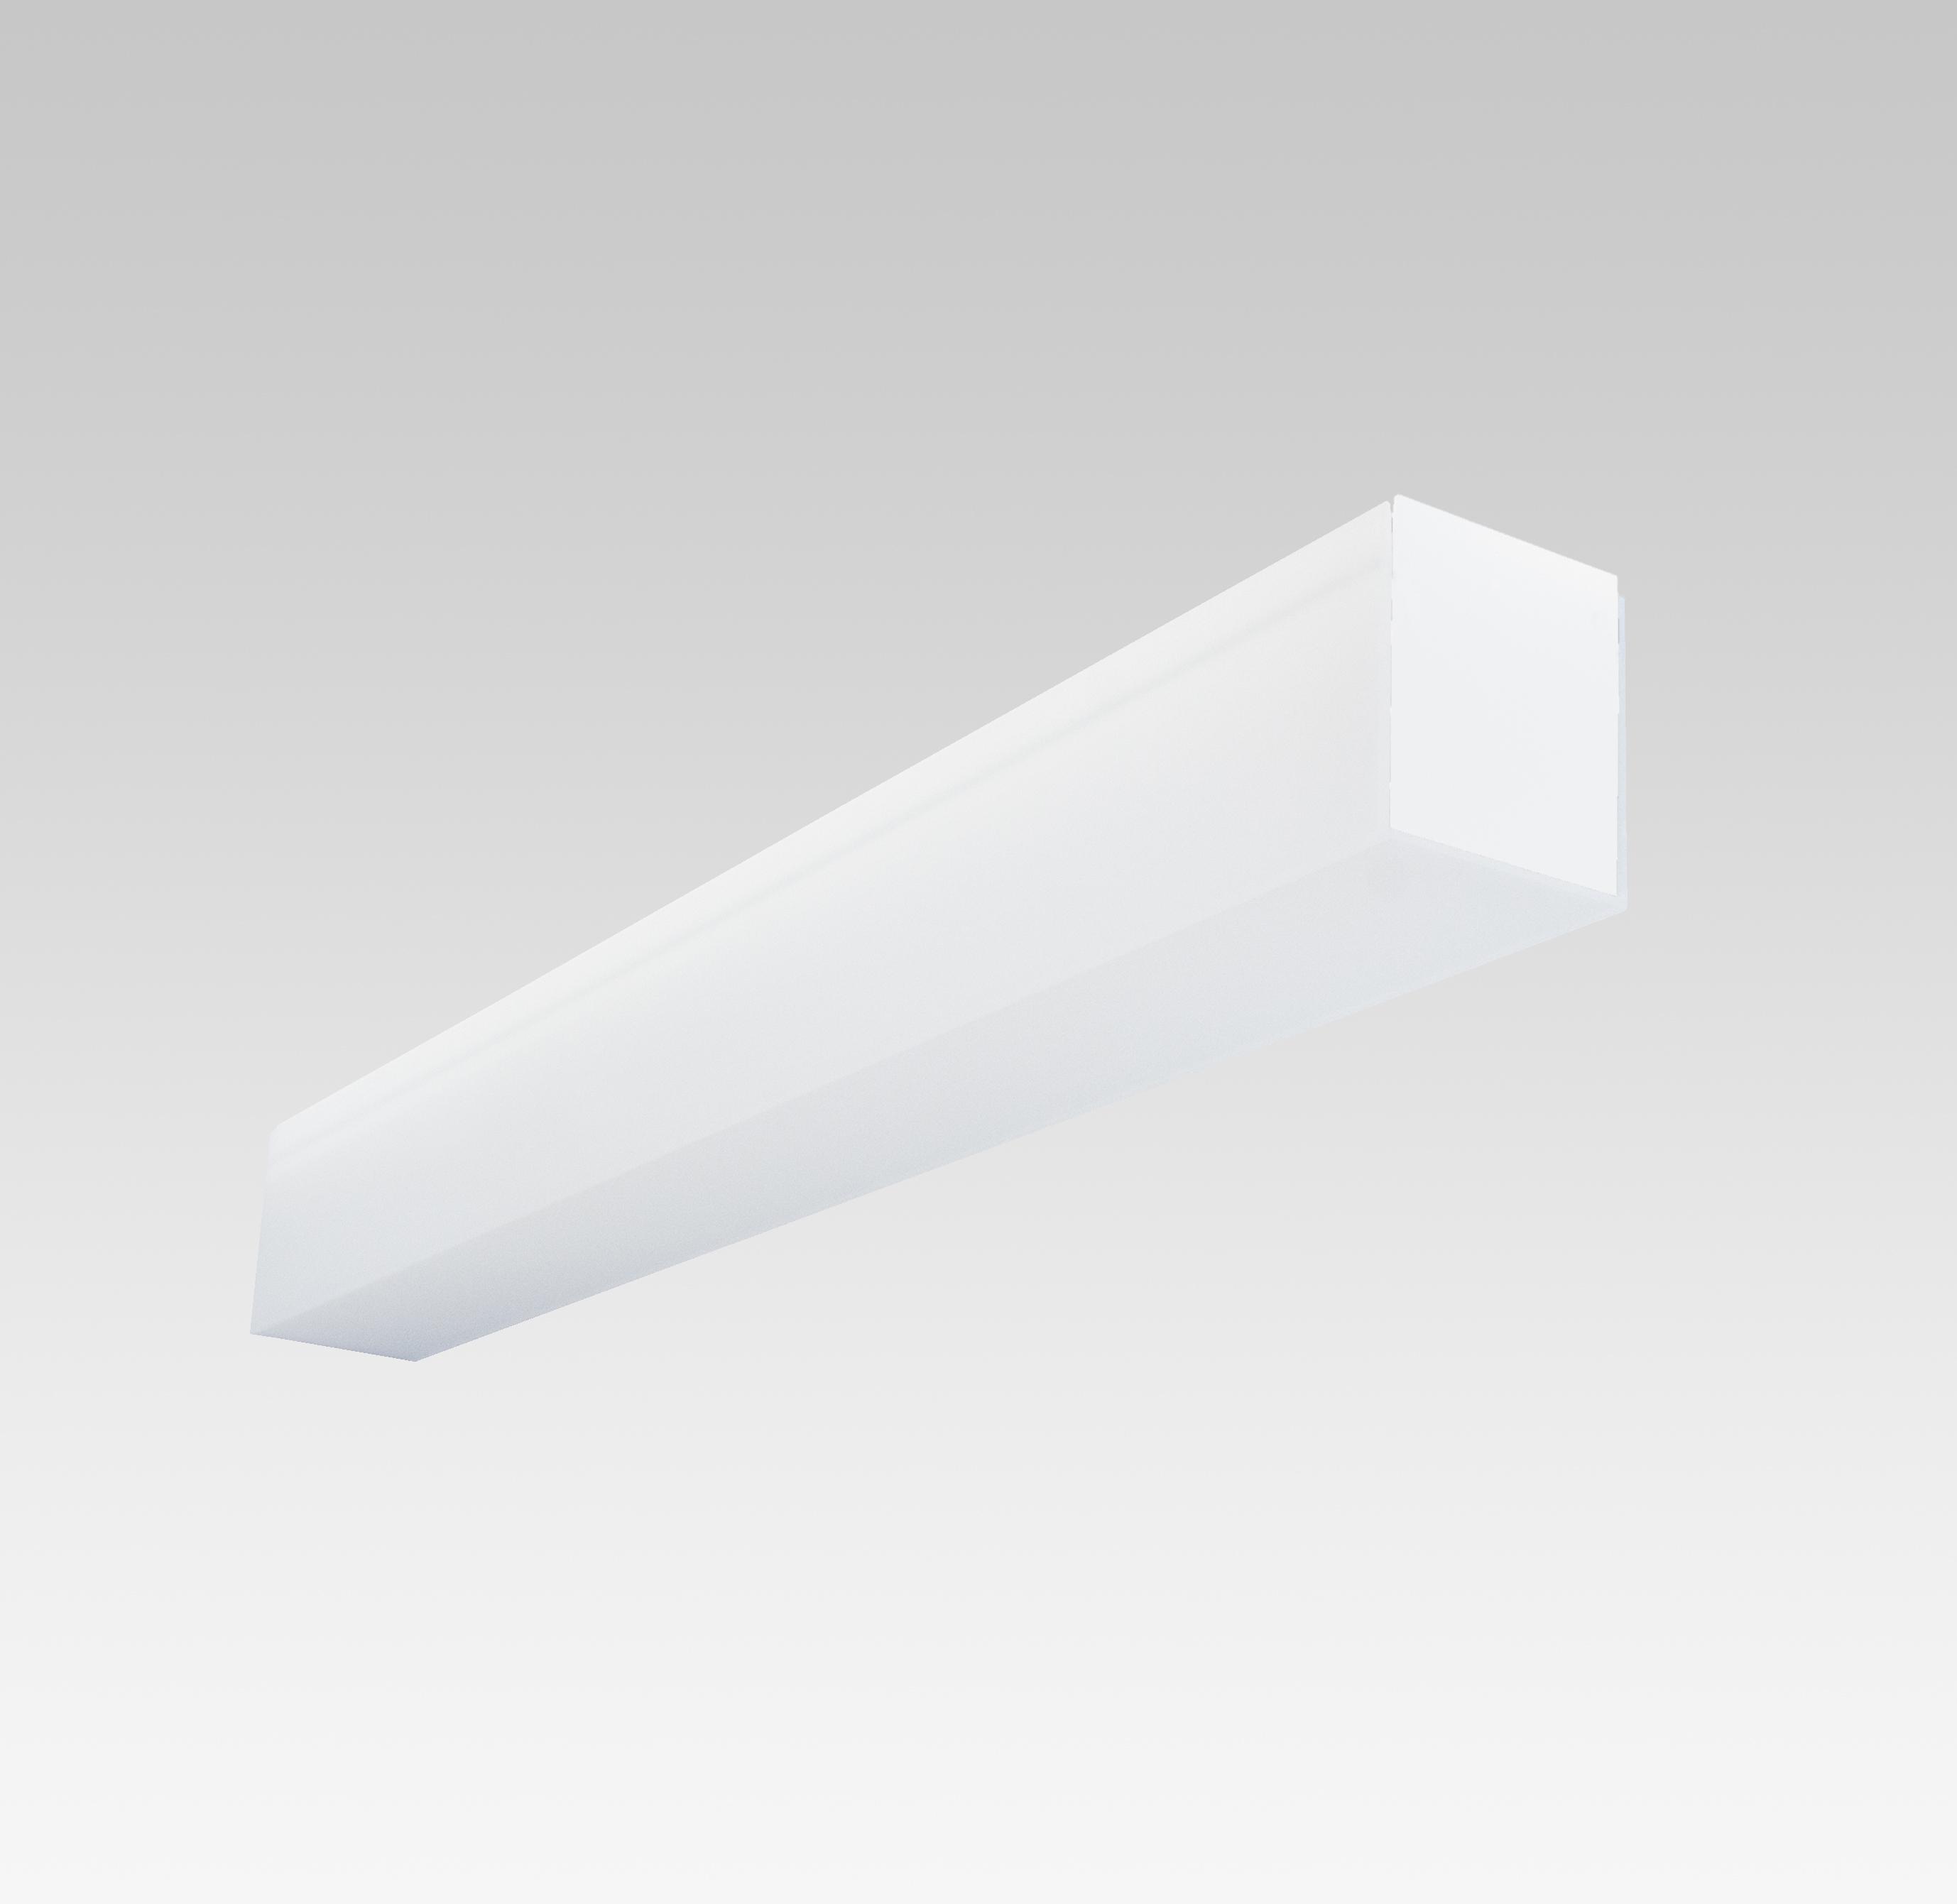 Mirror-weiss-Profilleuchte-Anbauleuchte-Wandleuchte-200x200